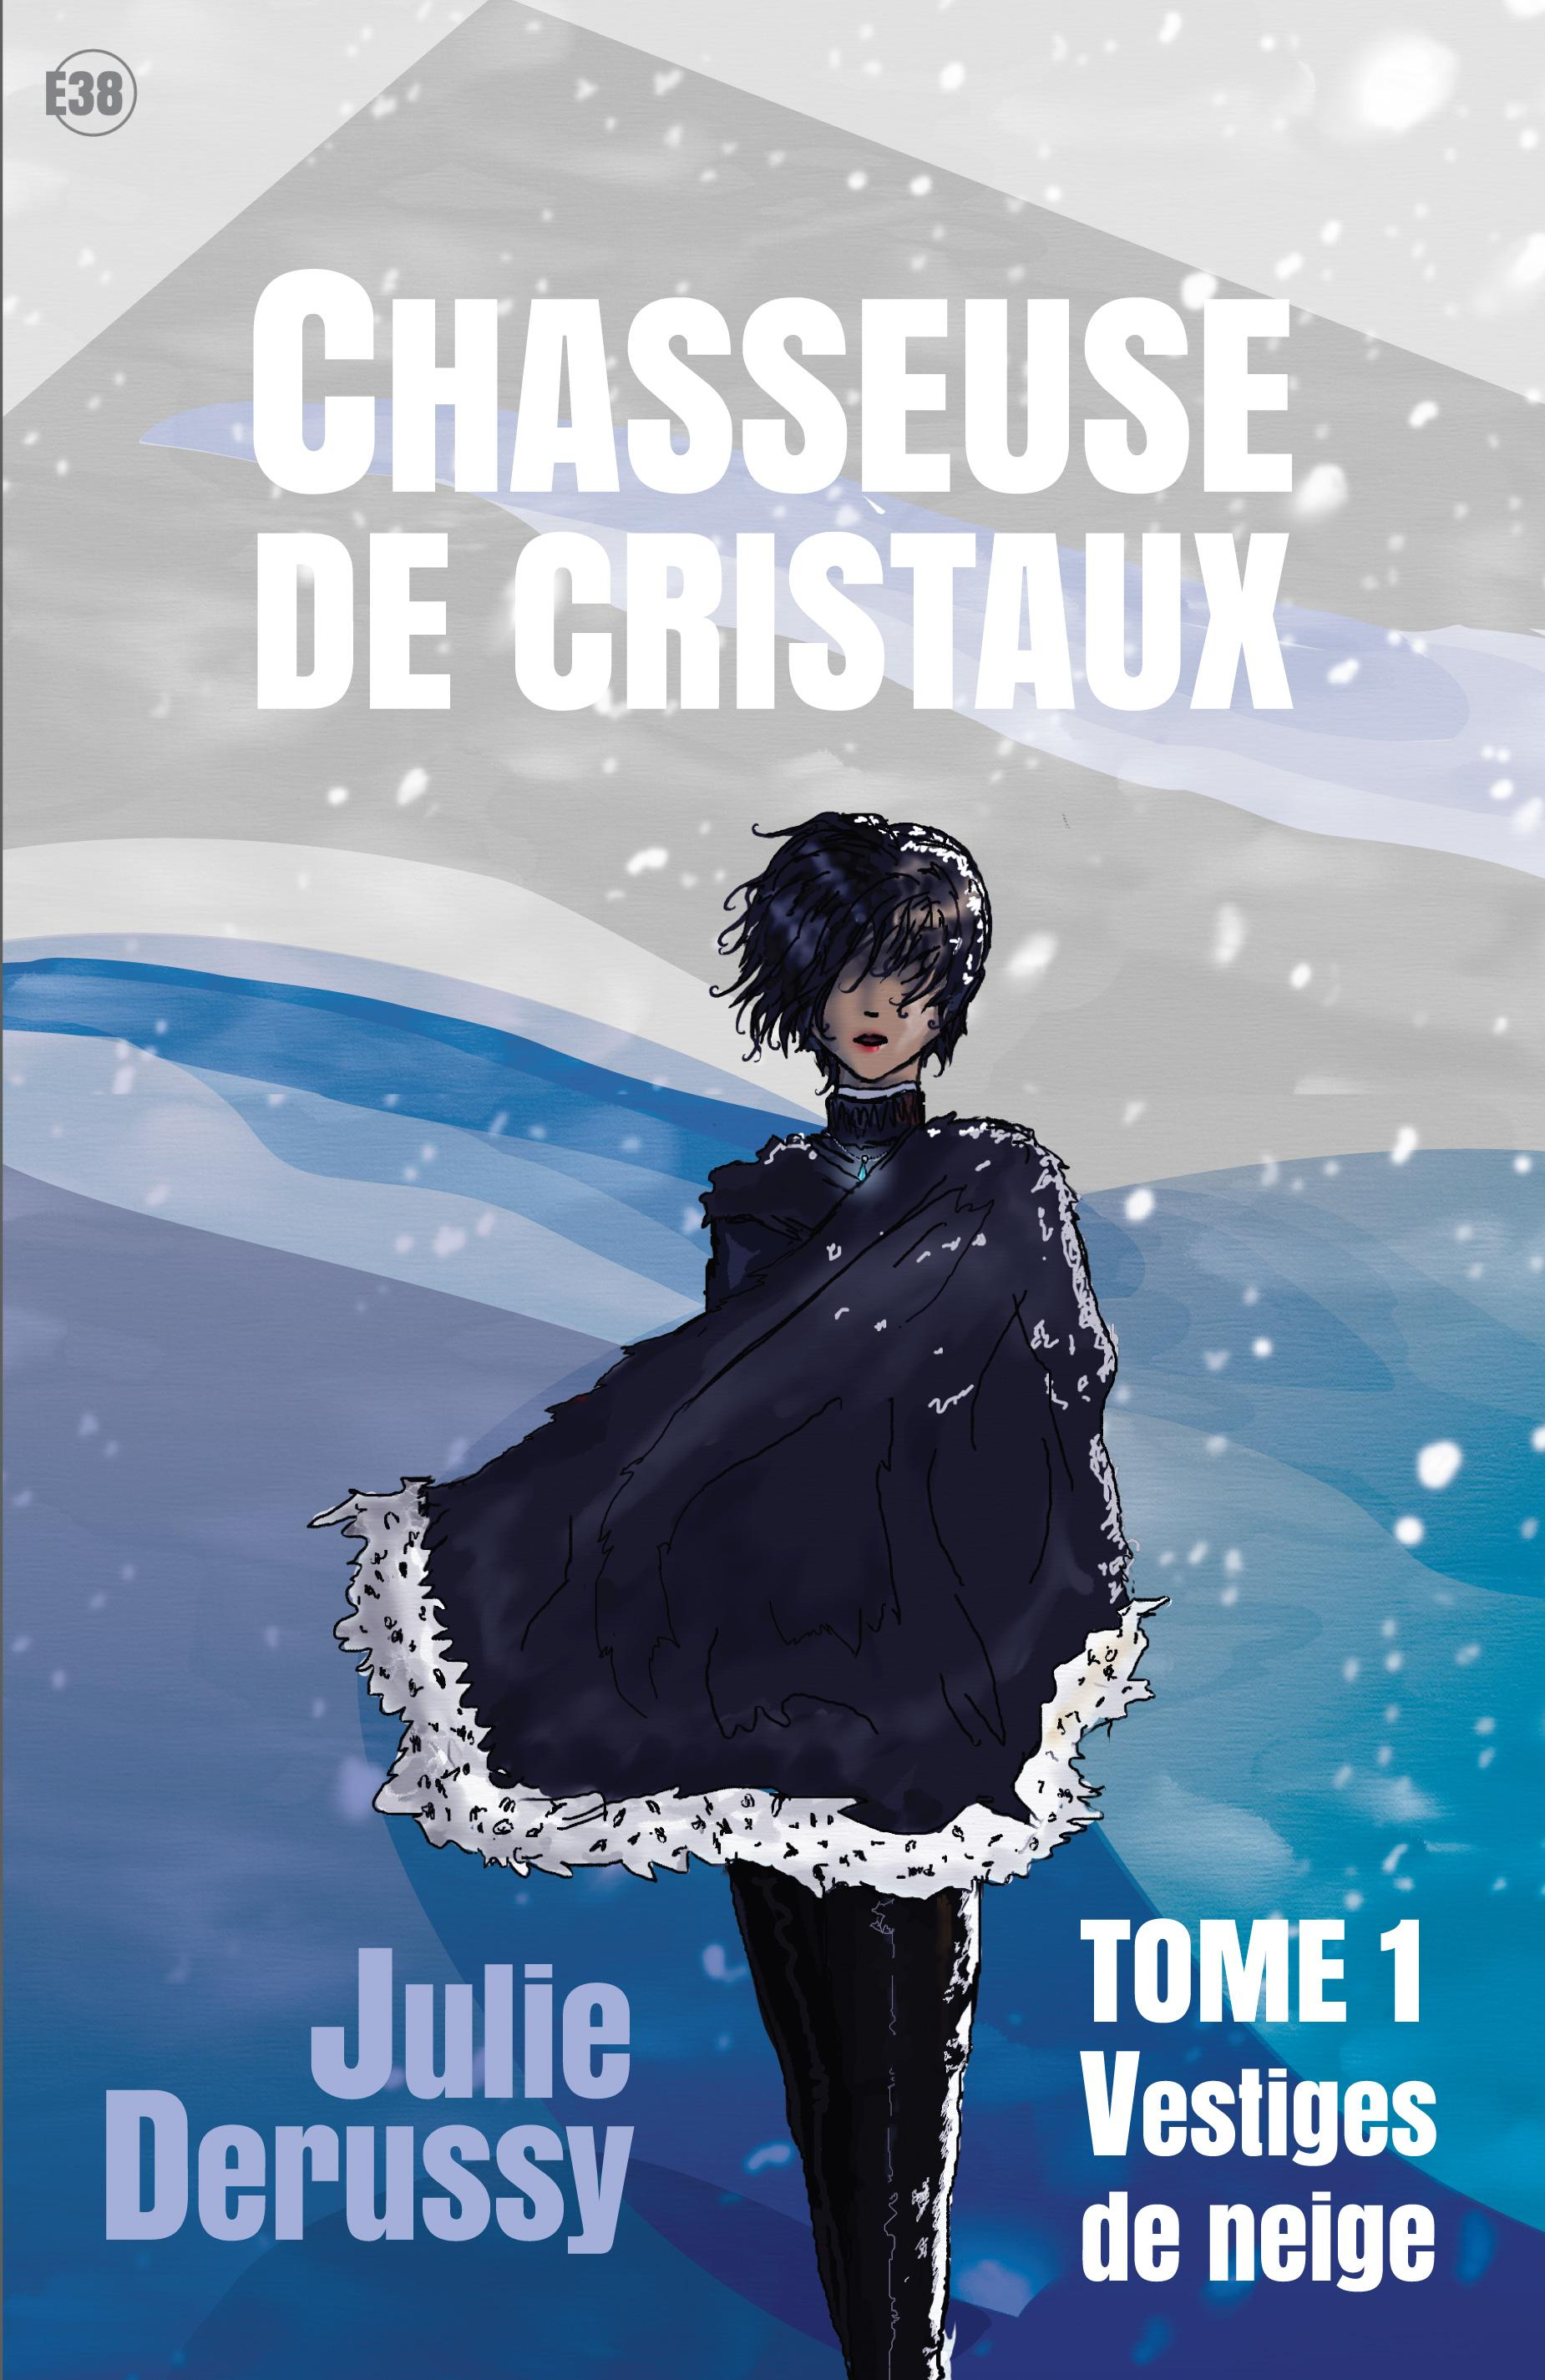 Vestiges de neige, CHASSEUSE DE CRISTAUX TOME 1